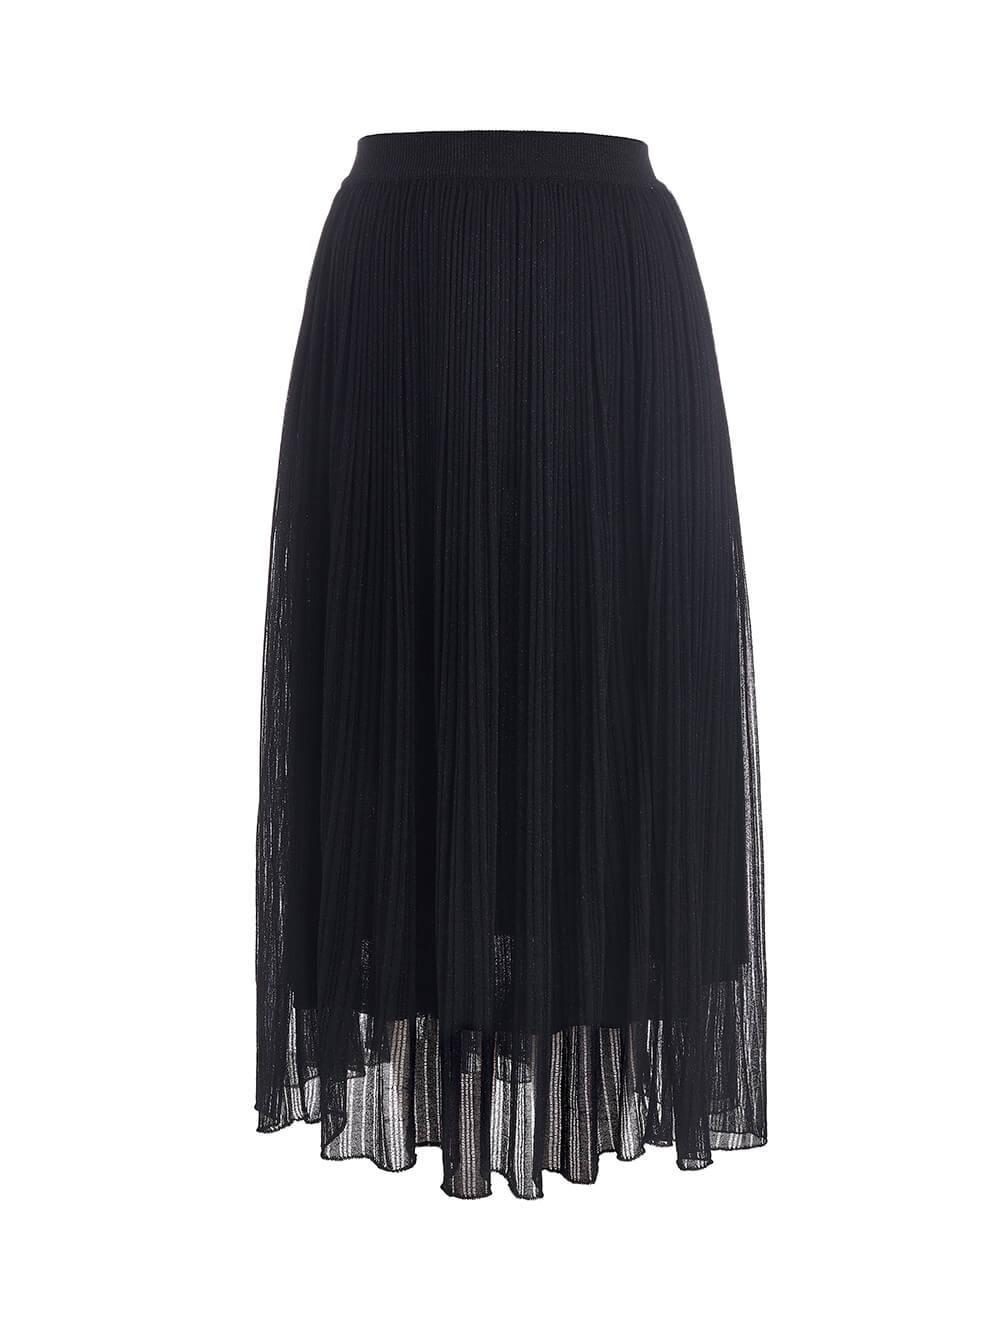 Женская двухслойная юбка черного цвета из вискозы - фото 1